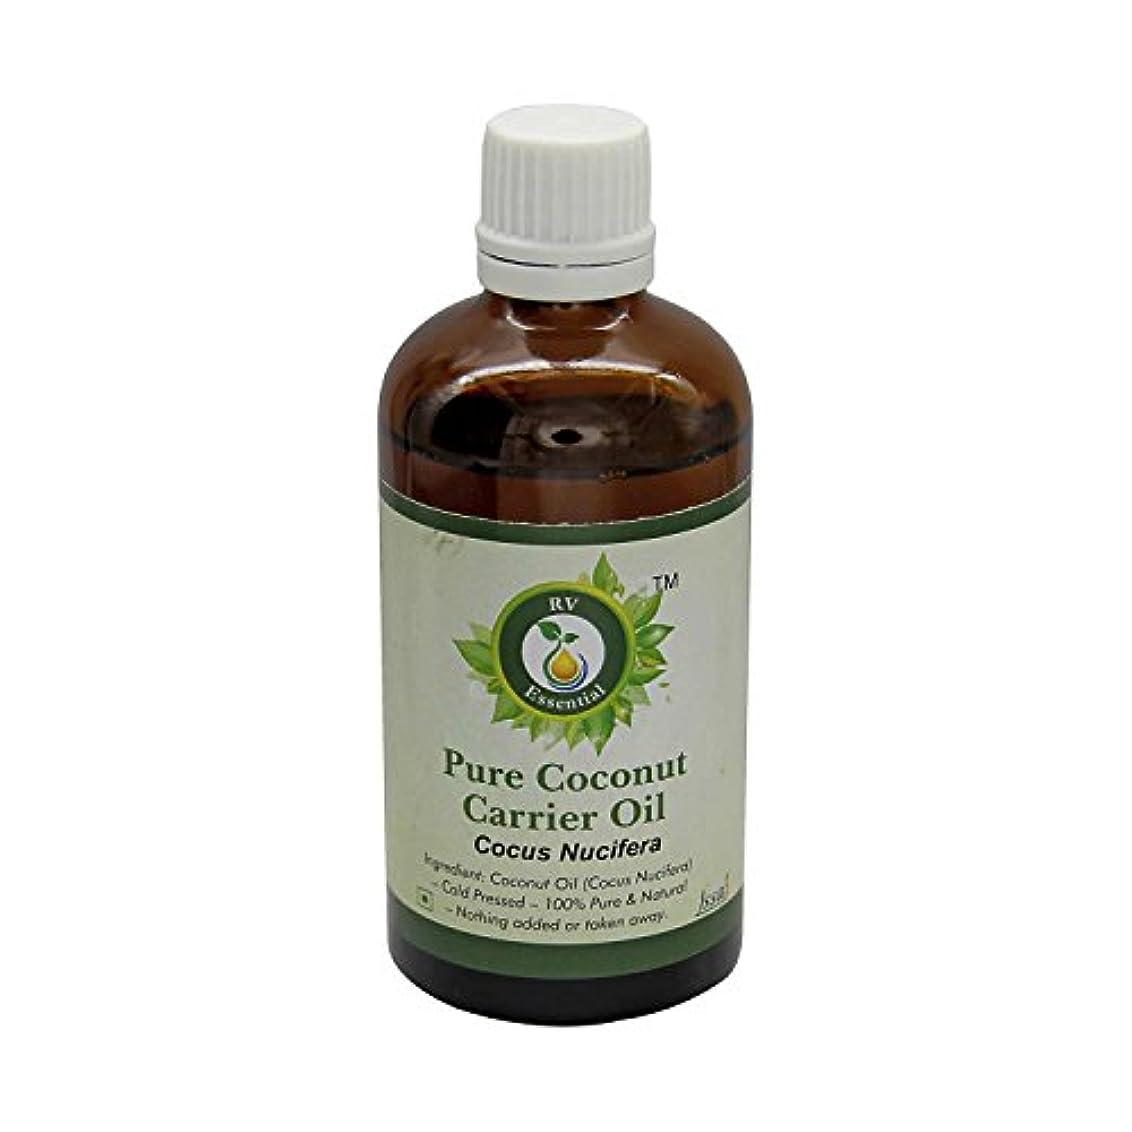 同一の独立した甘美なR V Essential 純粋なココナッツキャリアオイル50ml (1.69oz)- Cocus Nucifera (100%ピュア&ナチュラルコールドPressed) Pure Coconut Carrier Oil